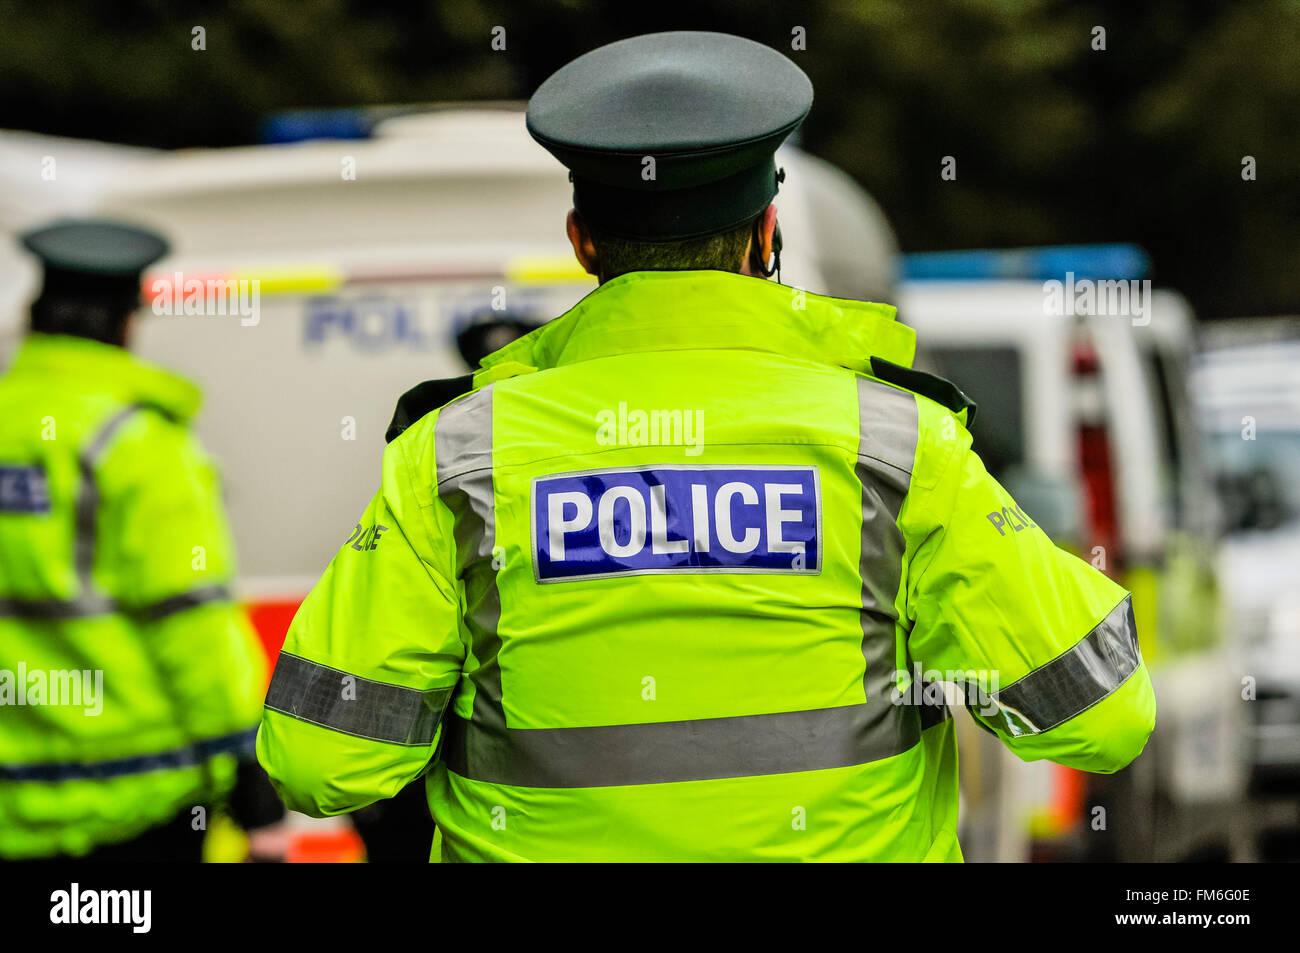 La polizia indossando ad alta visibilità giacche sul dazio. Immagini Stock